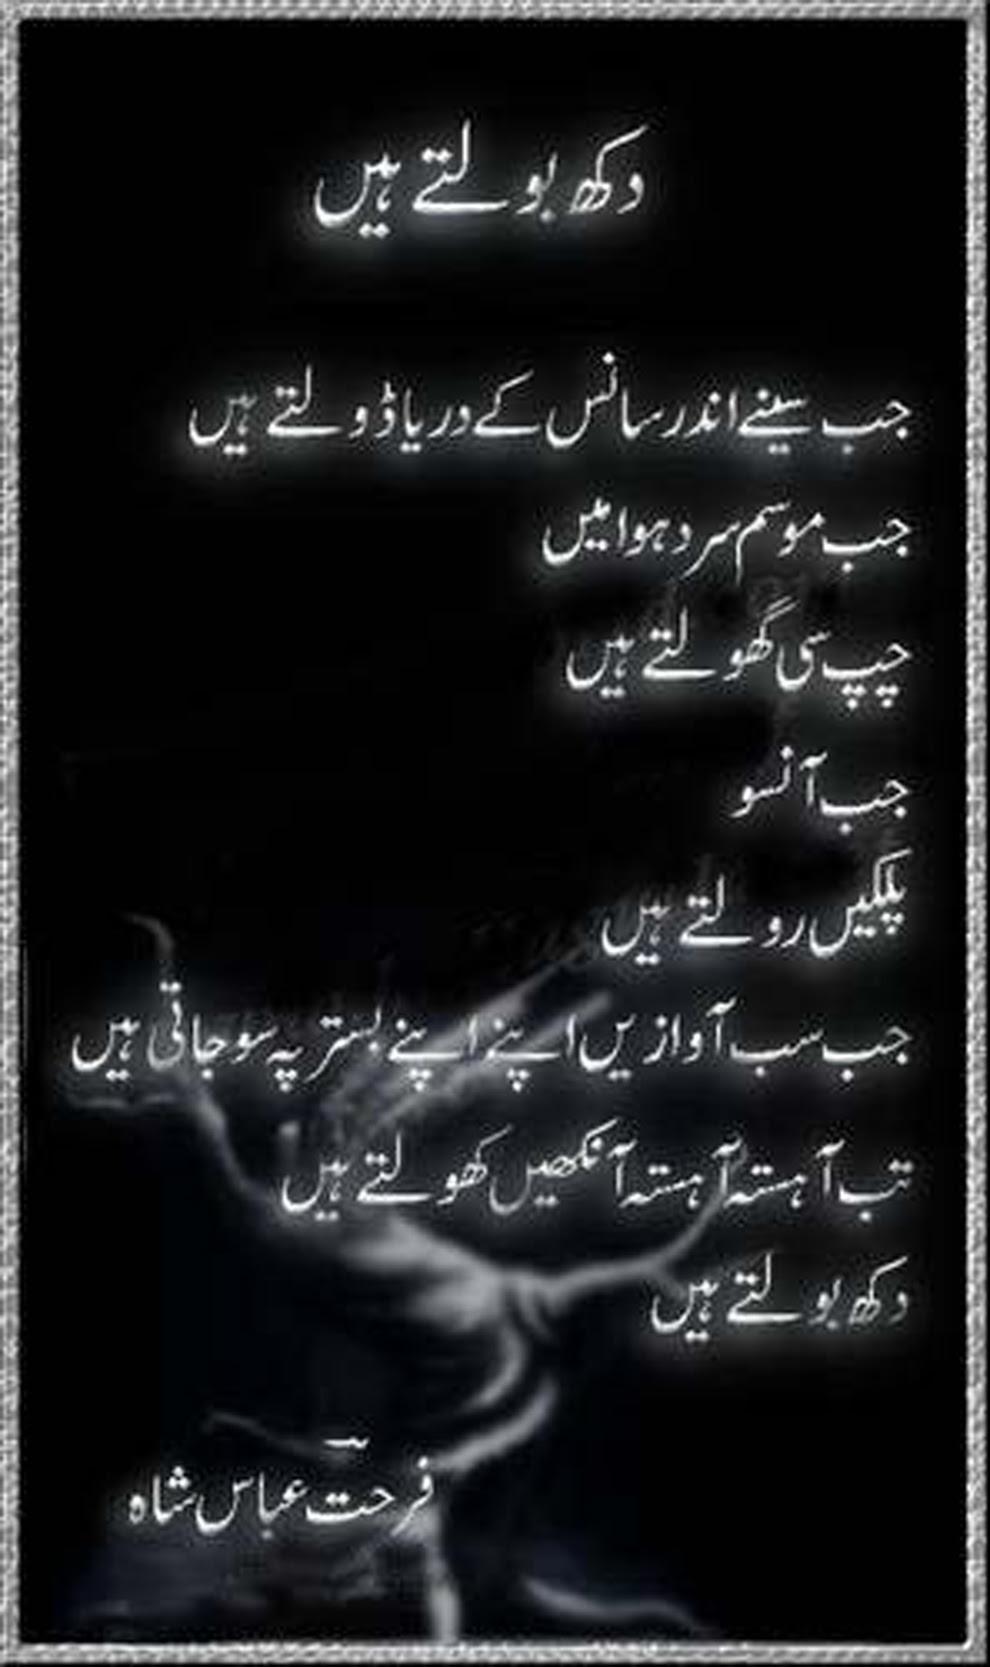 Poetry Wallpaper Urdu Room Wallpapers